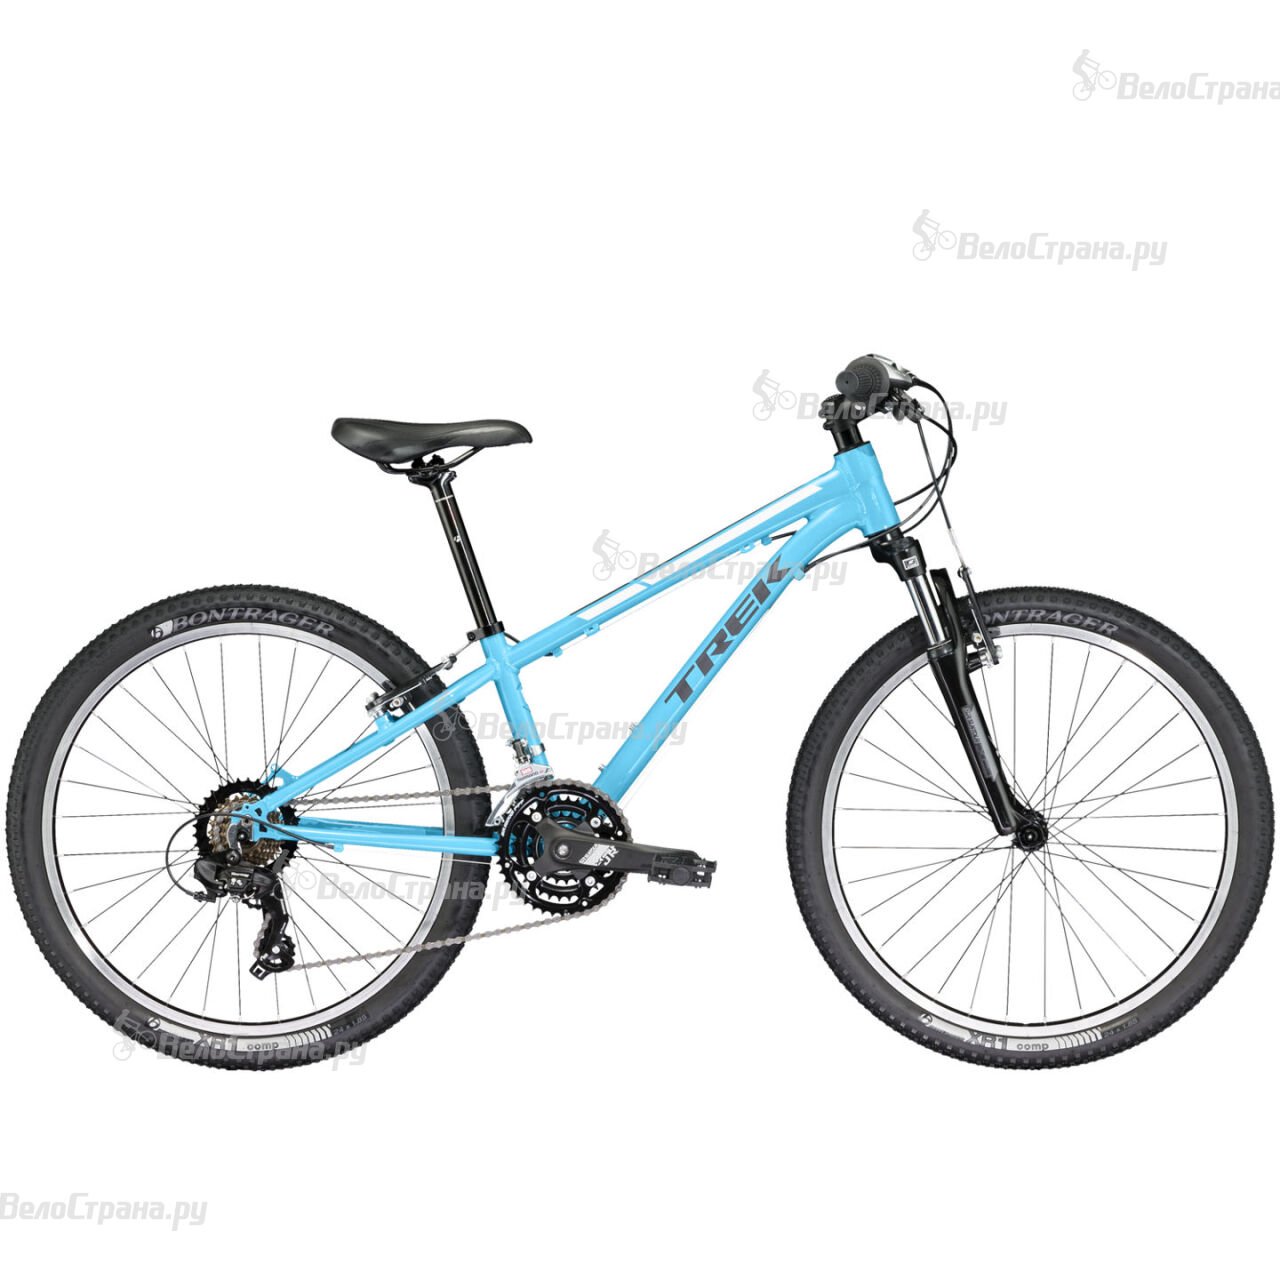 Велосипед Trek Superfly 24 (2017) велосипед trek superfly al 2013